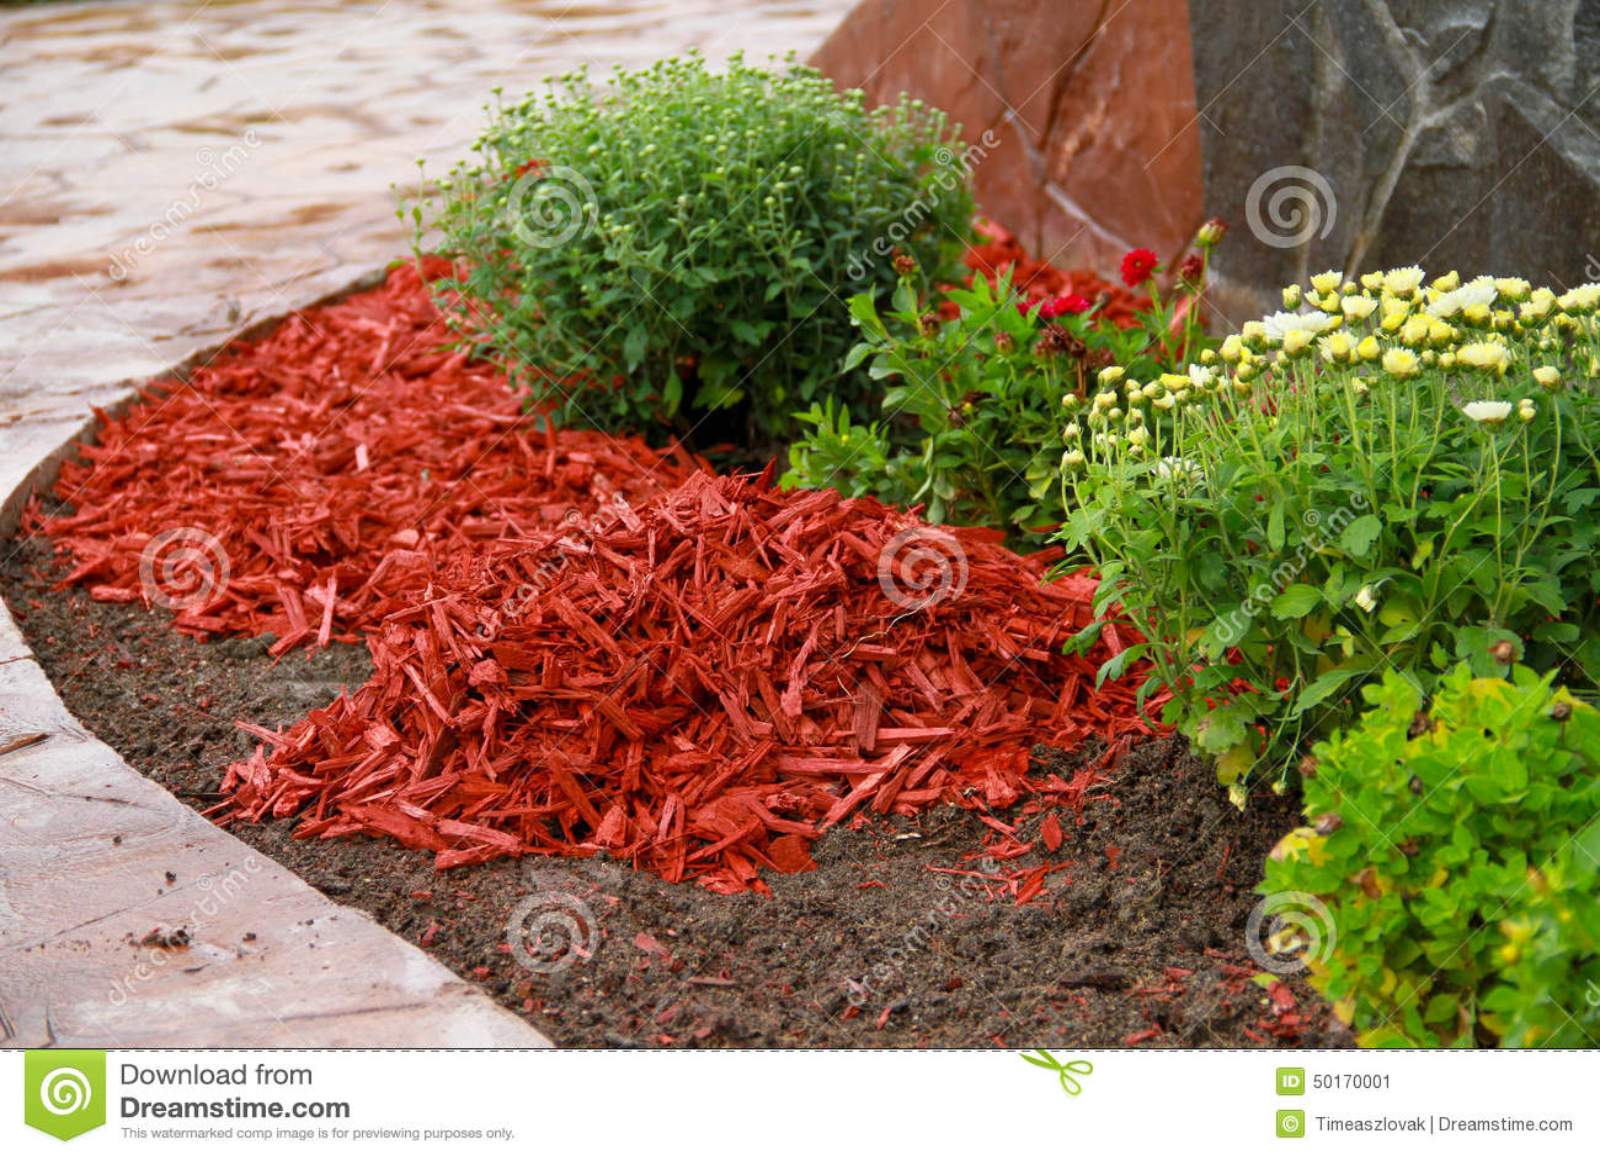 Mulch Around Flowers